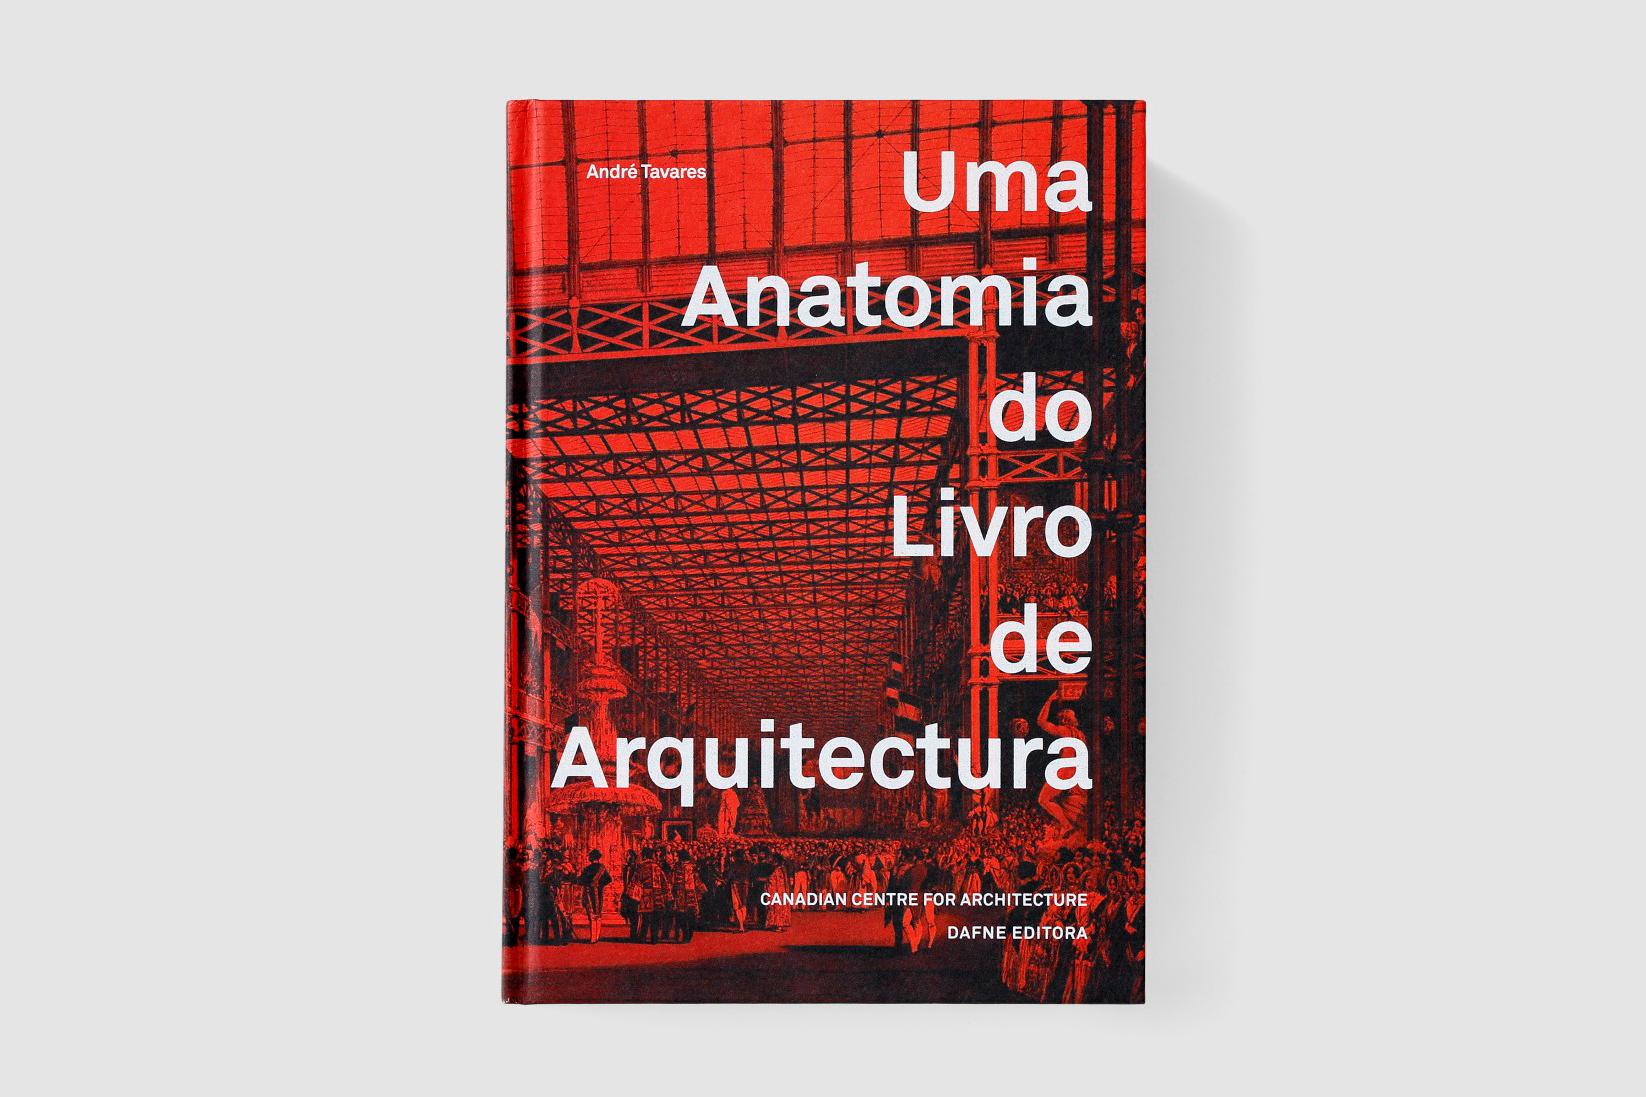 Uma Anatomia do livro de Arquitectura, 2016